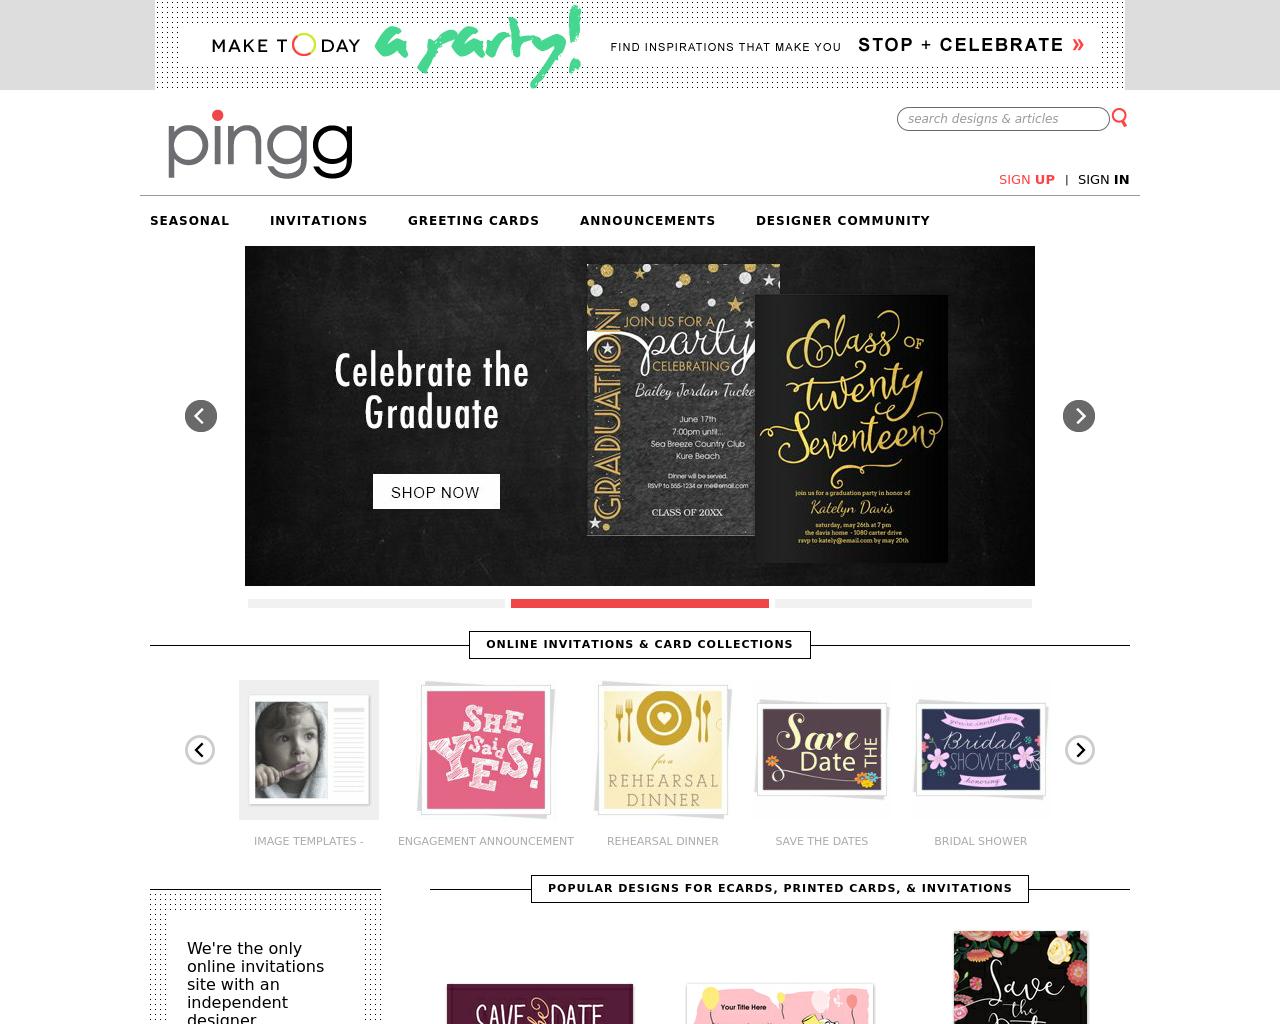 Pingg-Advertising-Reviews-Pricing